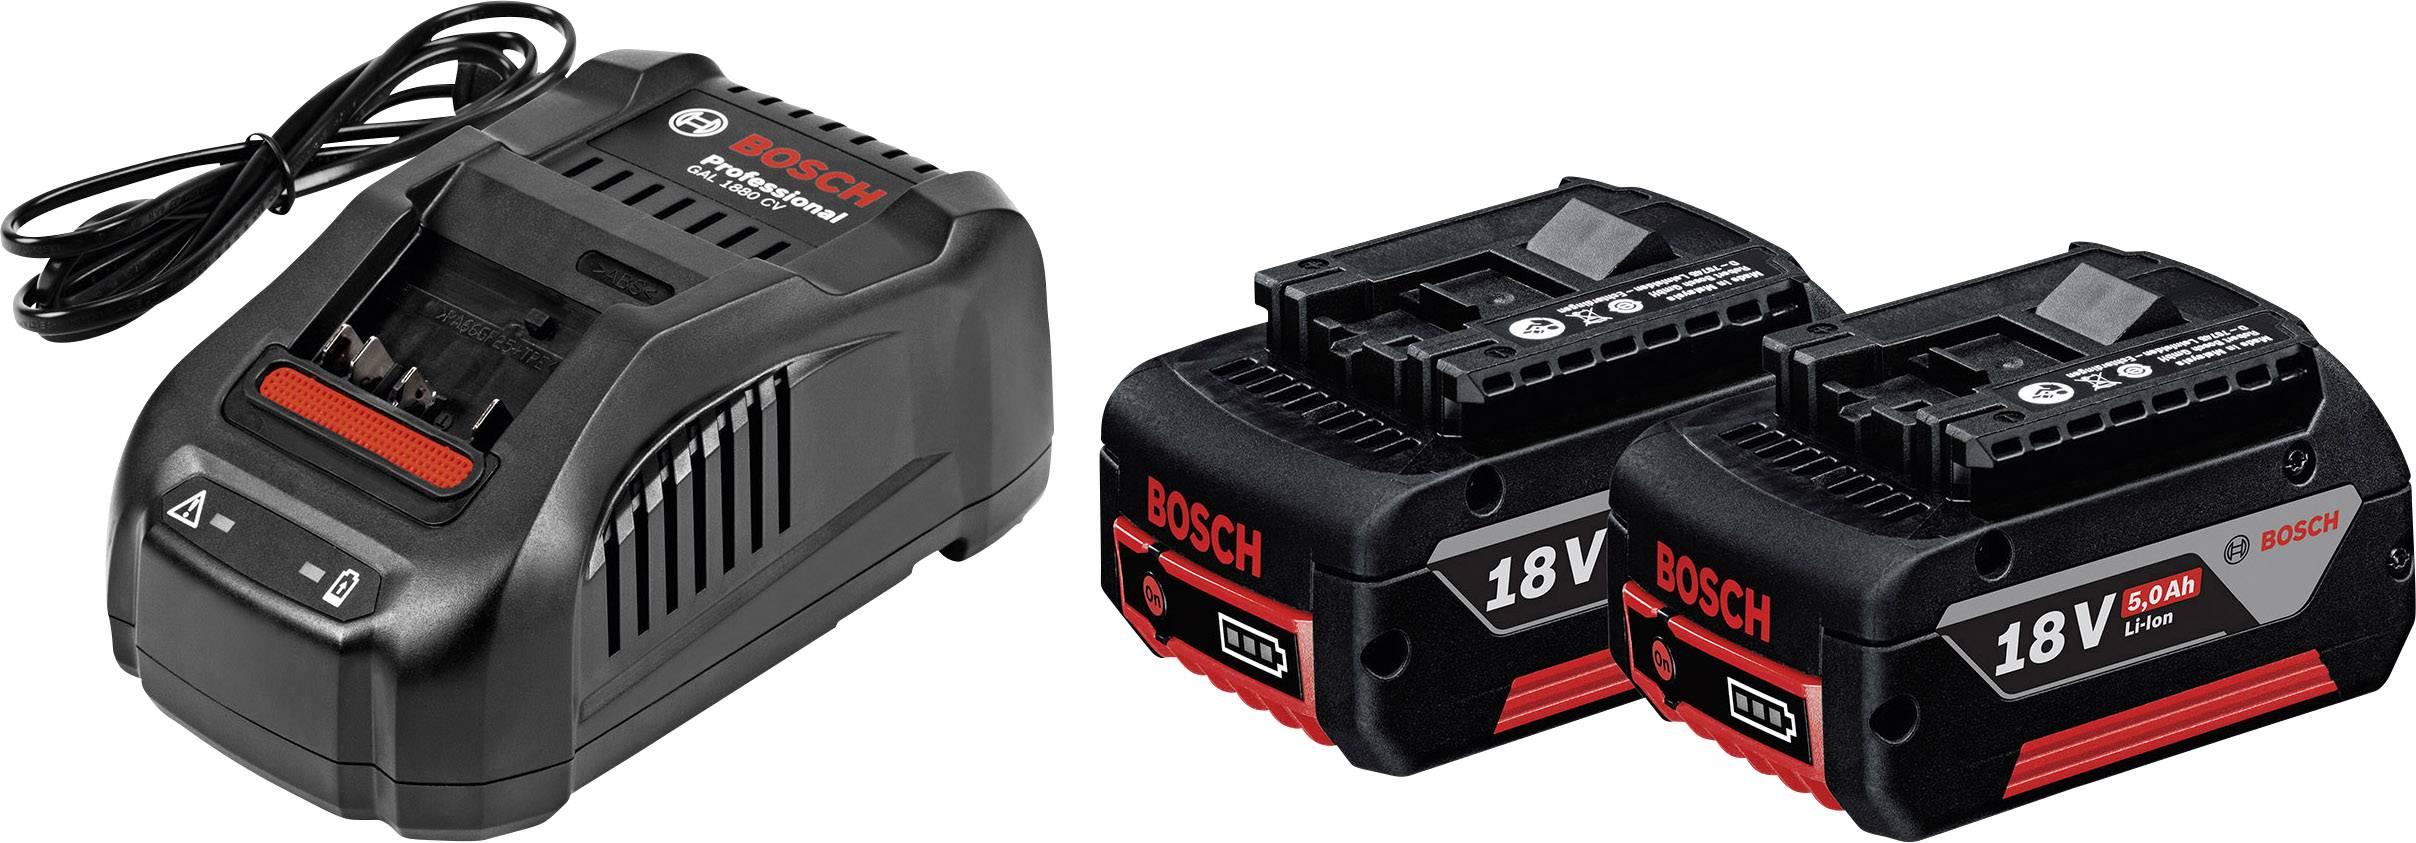 Náhradní akumulátor pro elektrické nářadí, Bosch Professional GBA + GAL 1880 CV 1600A00B8J, 18 V, 5 Ah, Li-Ion akumulátor